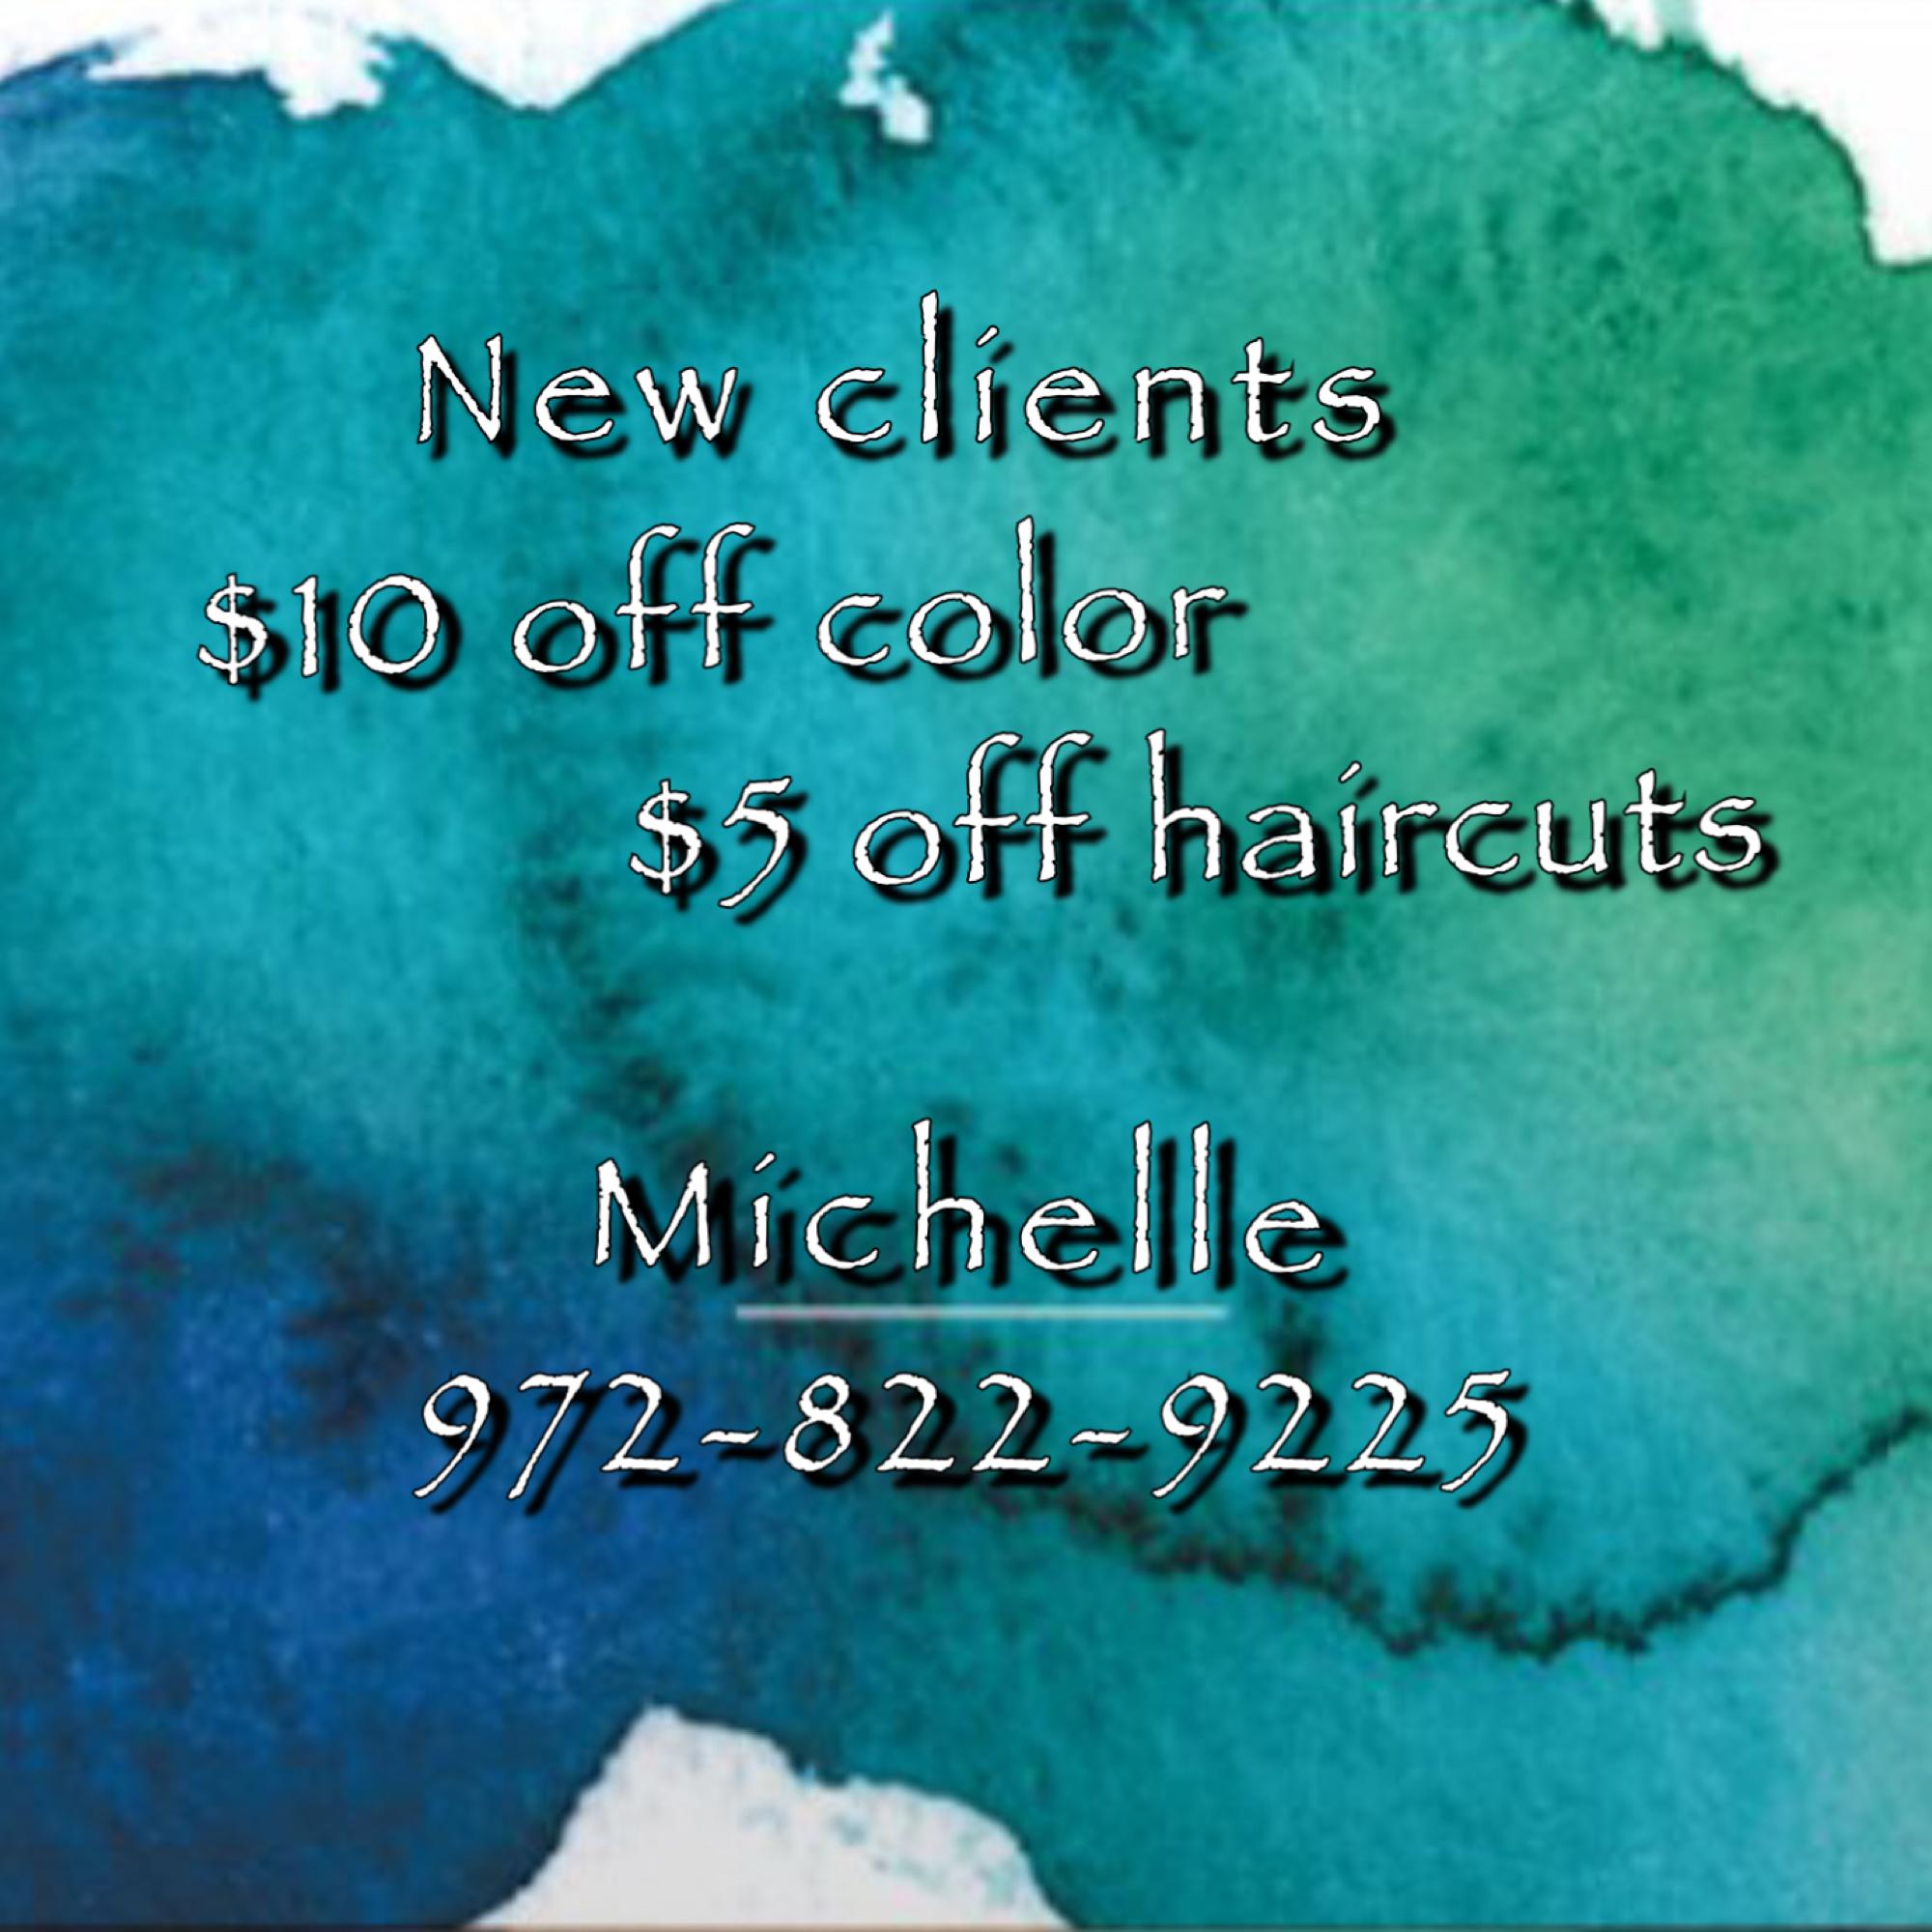 Shear Destiny Studio at Salon Boutique featuring Michelle